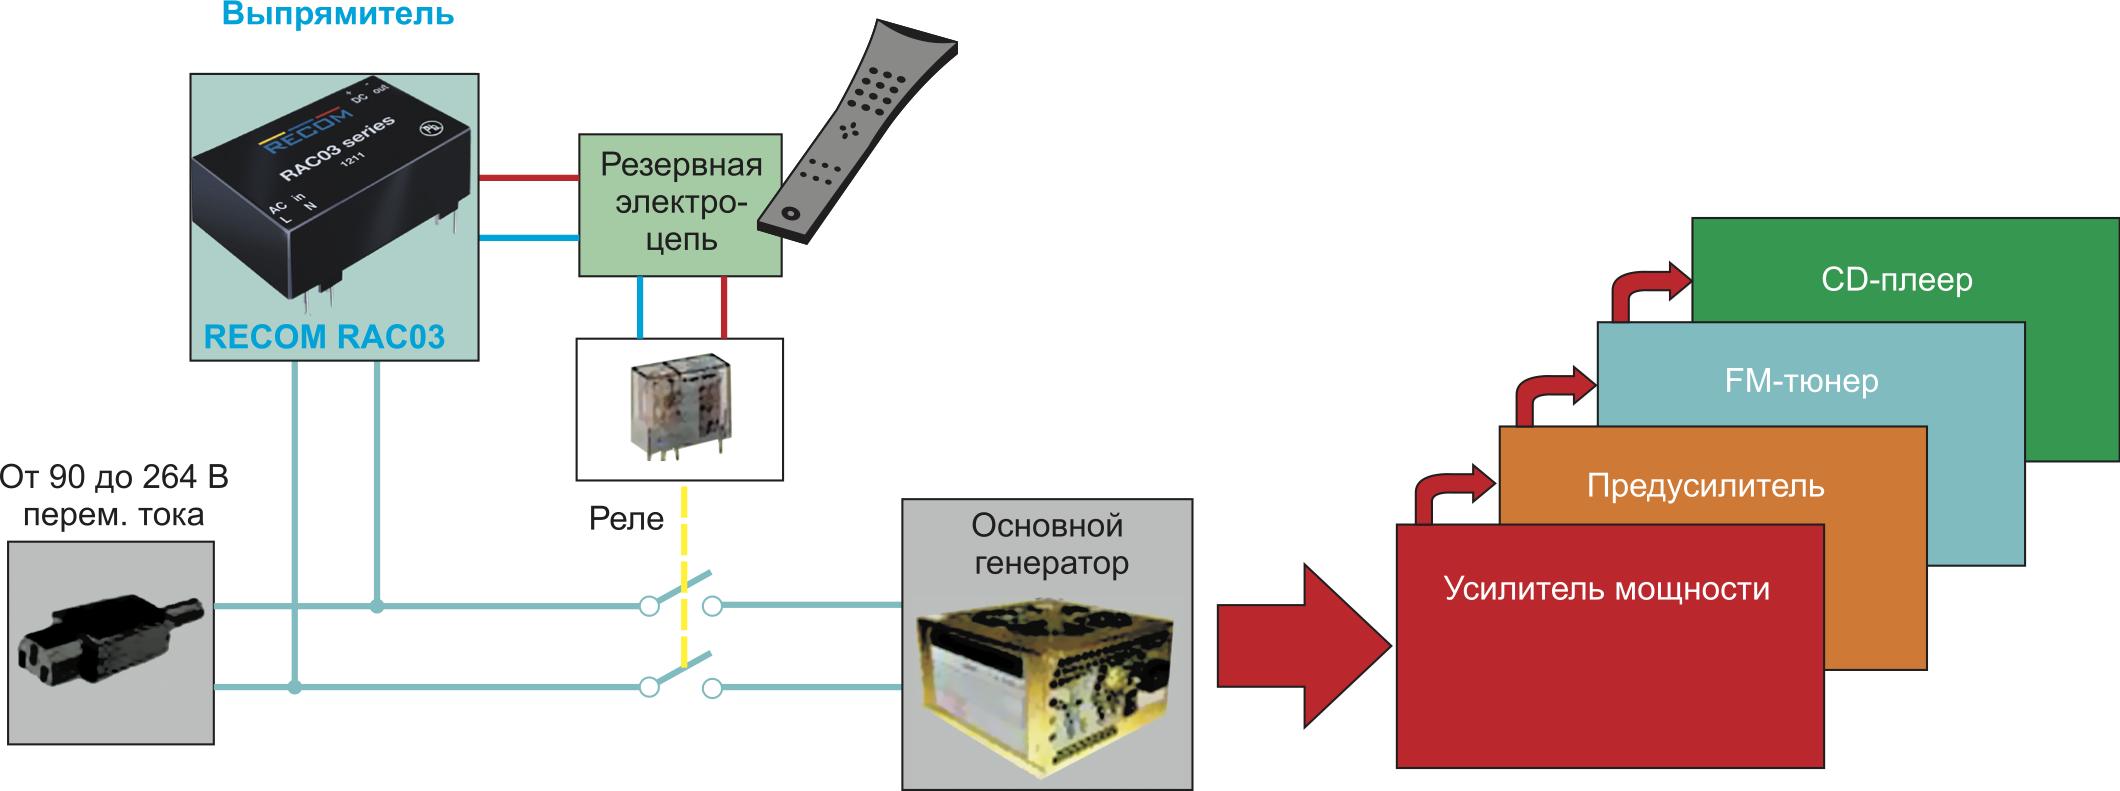 Резервная электроцепь с модулем постоянного/переменного тока малой мощности